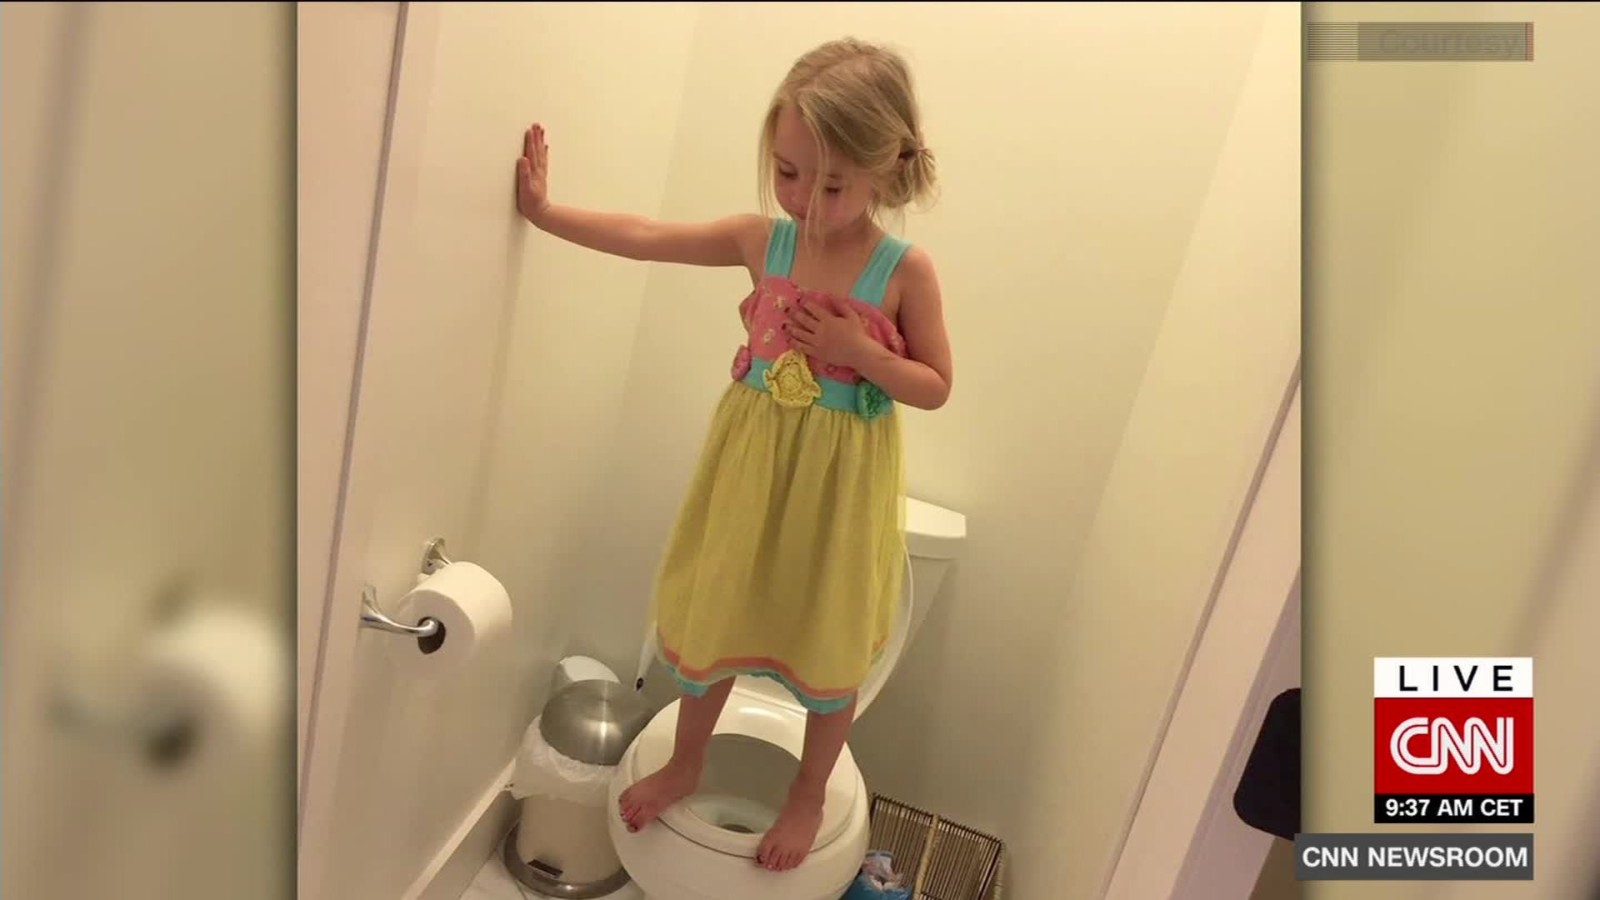 Girl stands on toilet as part of preschool gun drill - CNN